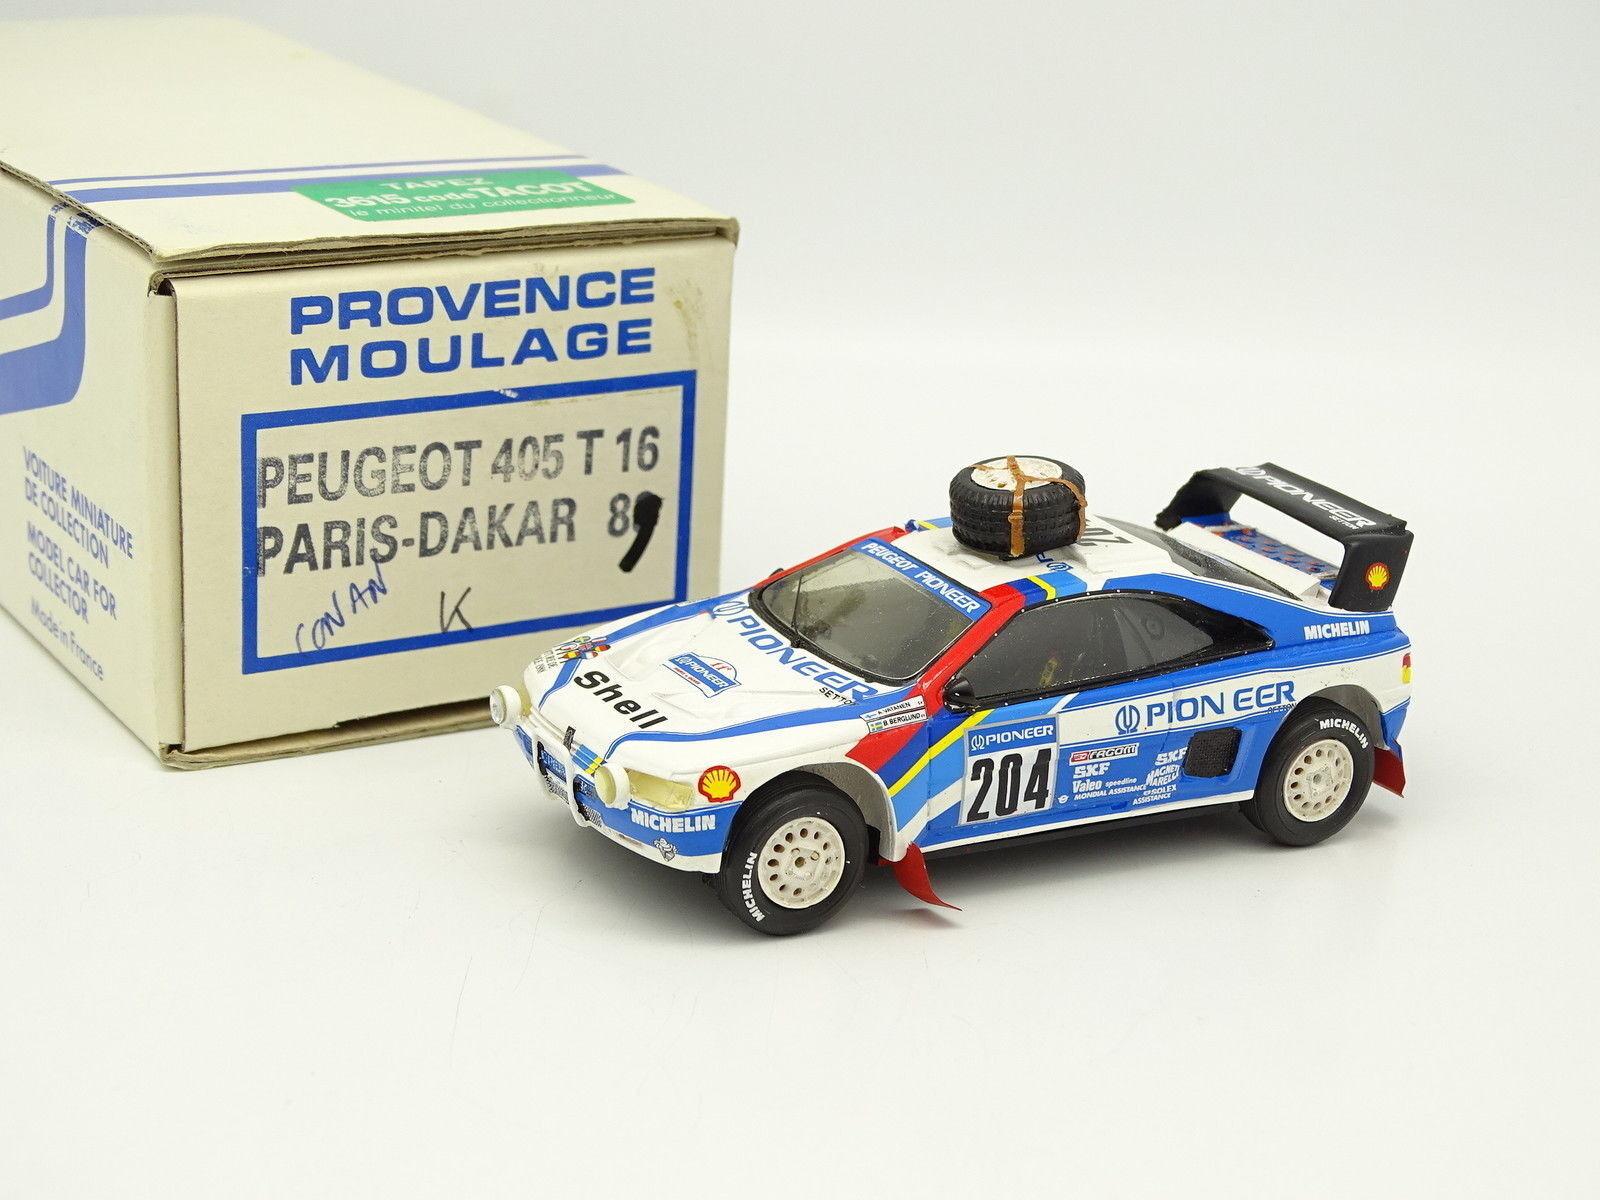 Provence Riproduzione Kit Montato 1 43 Peugeot 405 T16 Parigi Dakar 1989 Vatanen